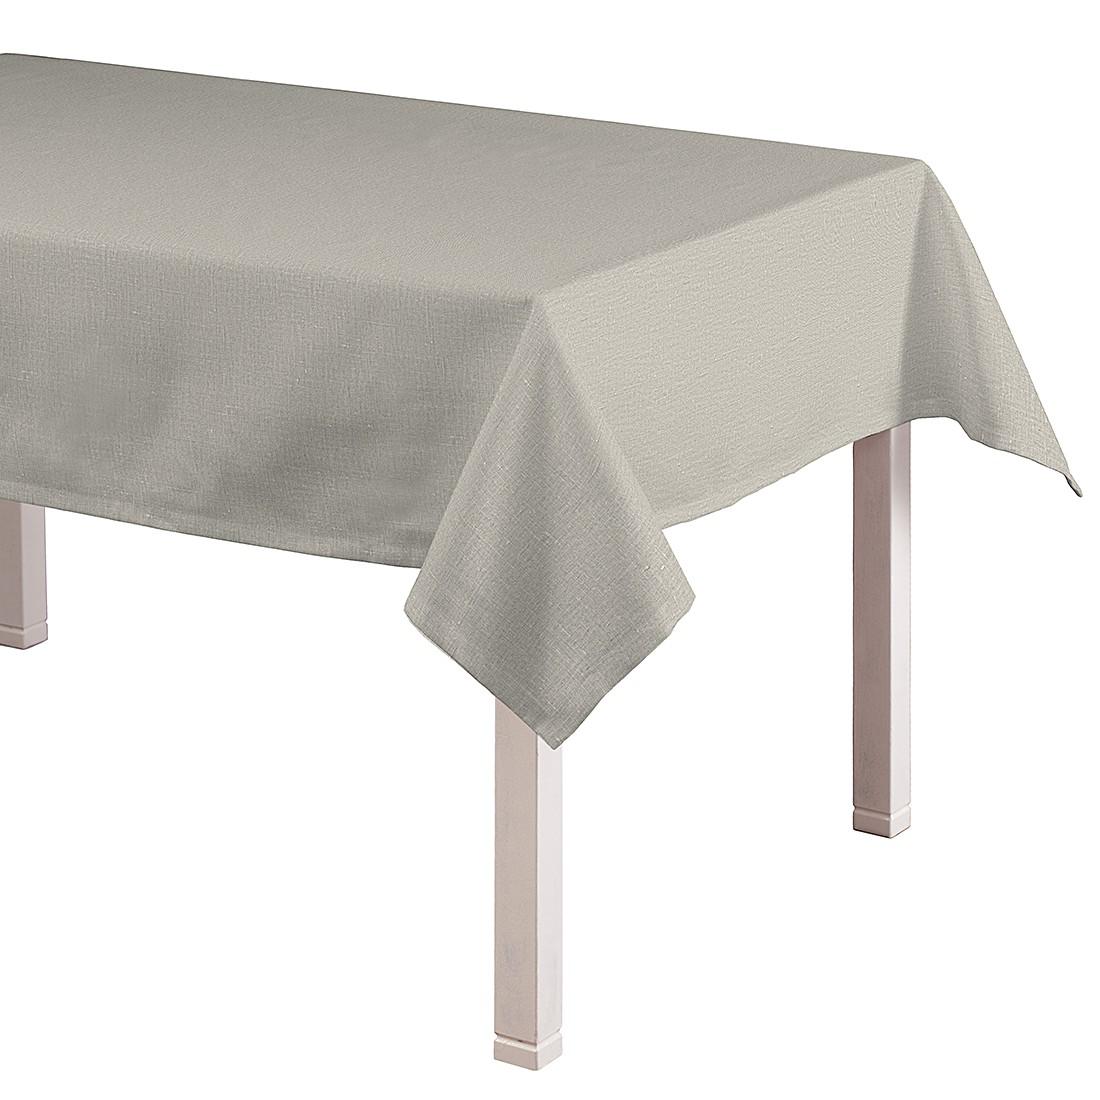 Tischdecke Linen – Beige – 130 x 160 cm, Dekoria günstig bestellen